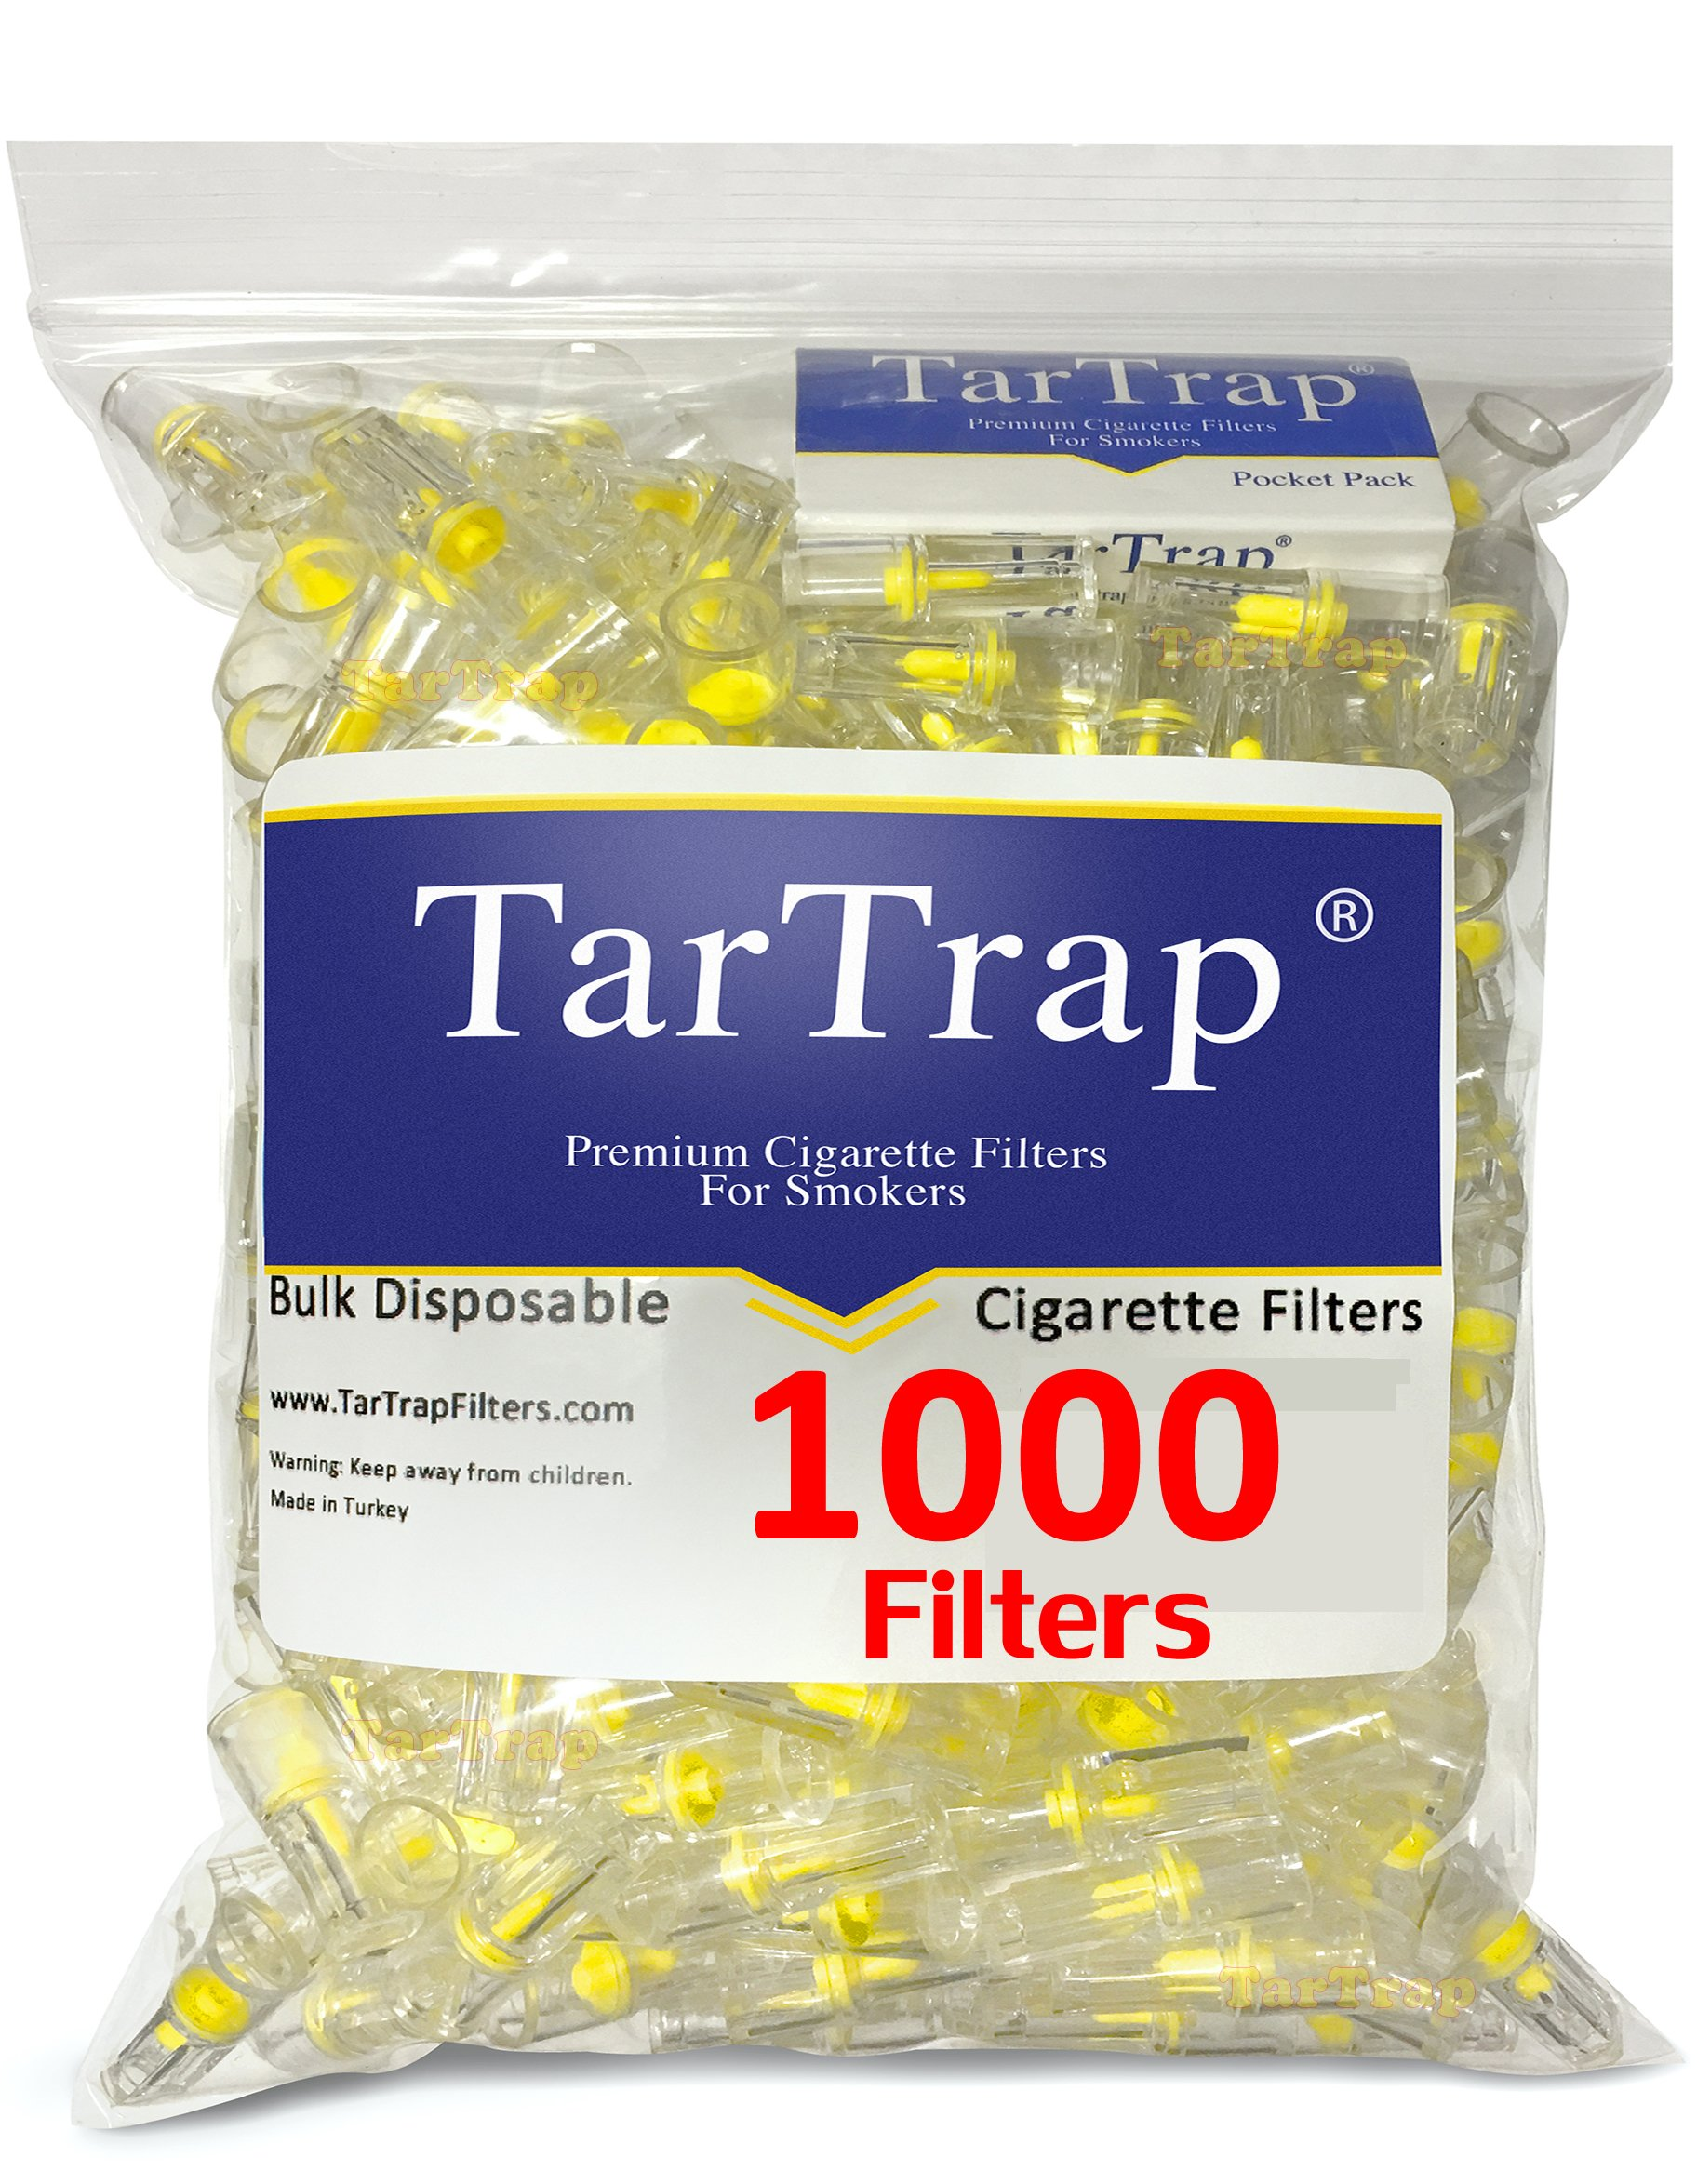 TarTrap Disposable Cigarette Filters - Bulk Pack (1000 Per Pack)